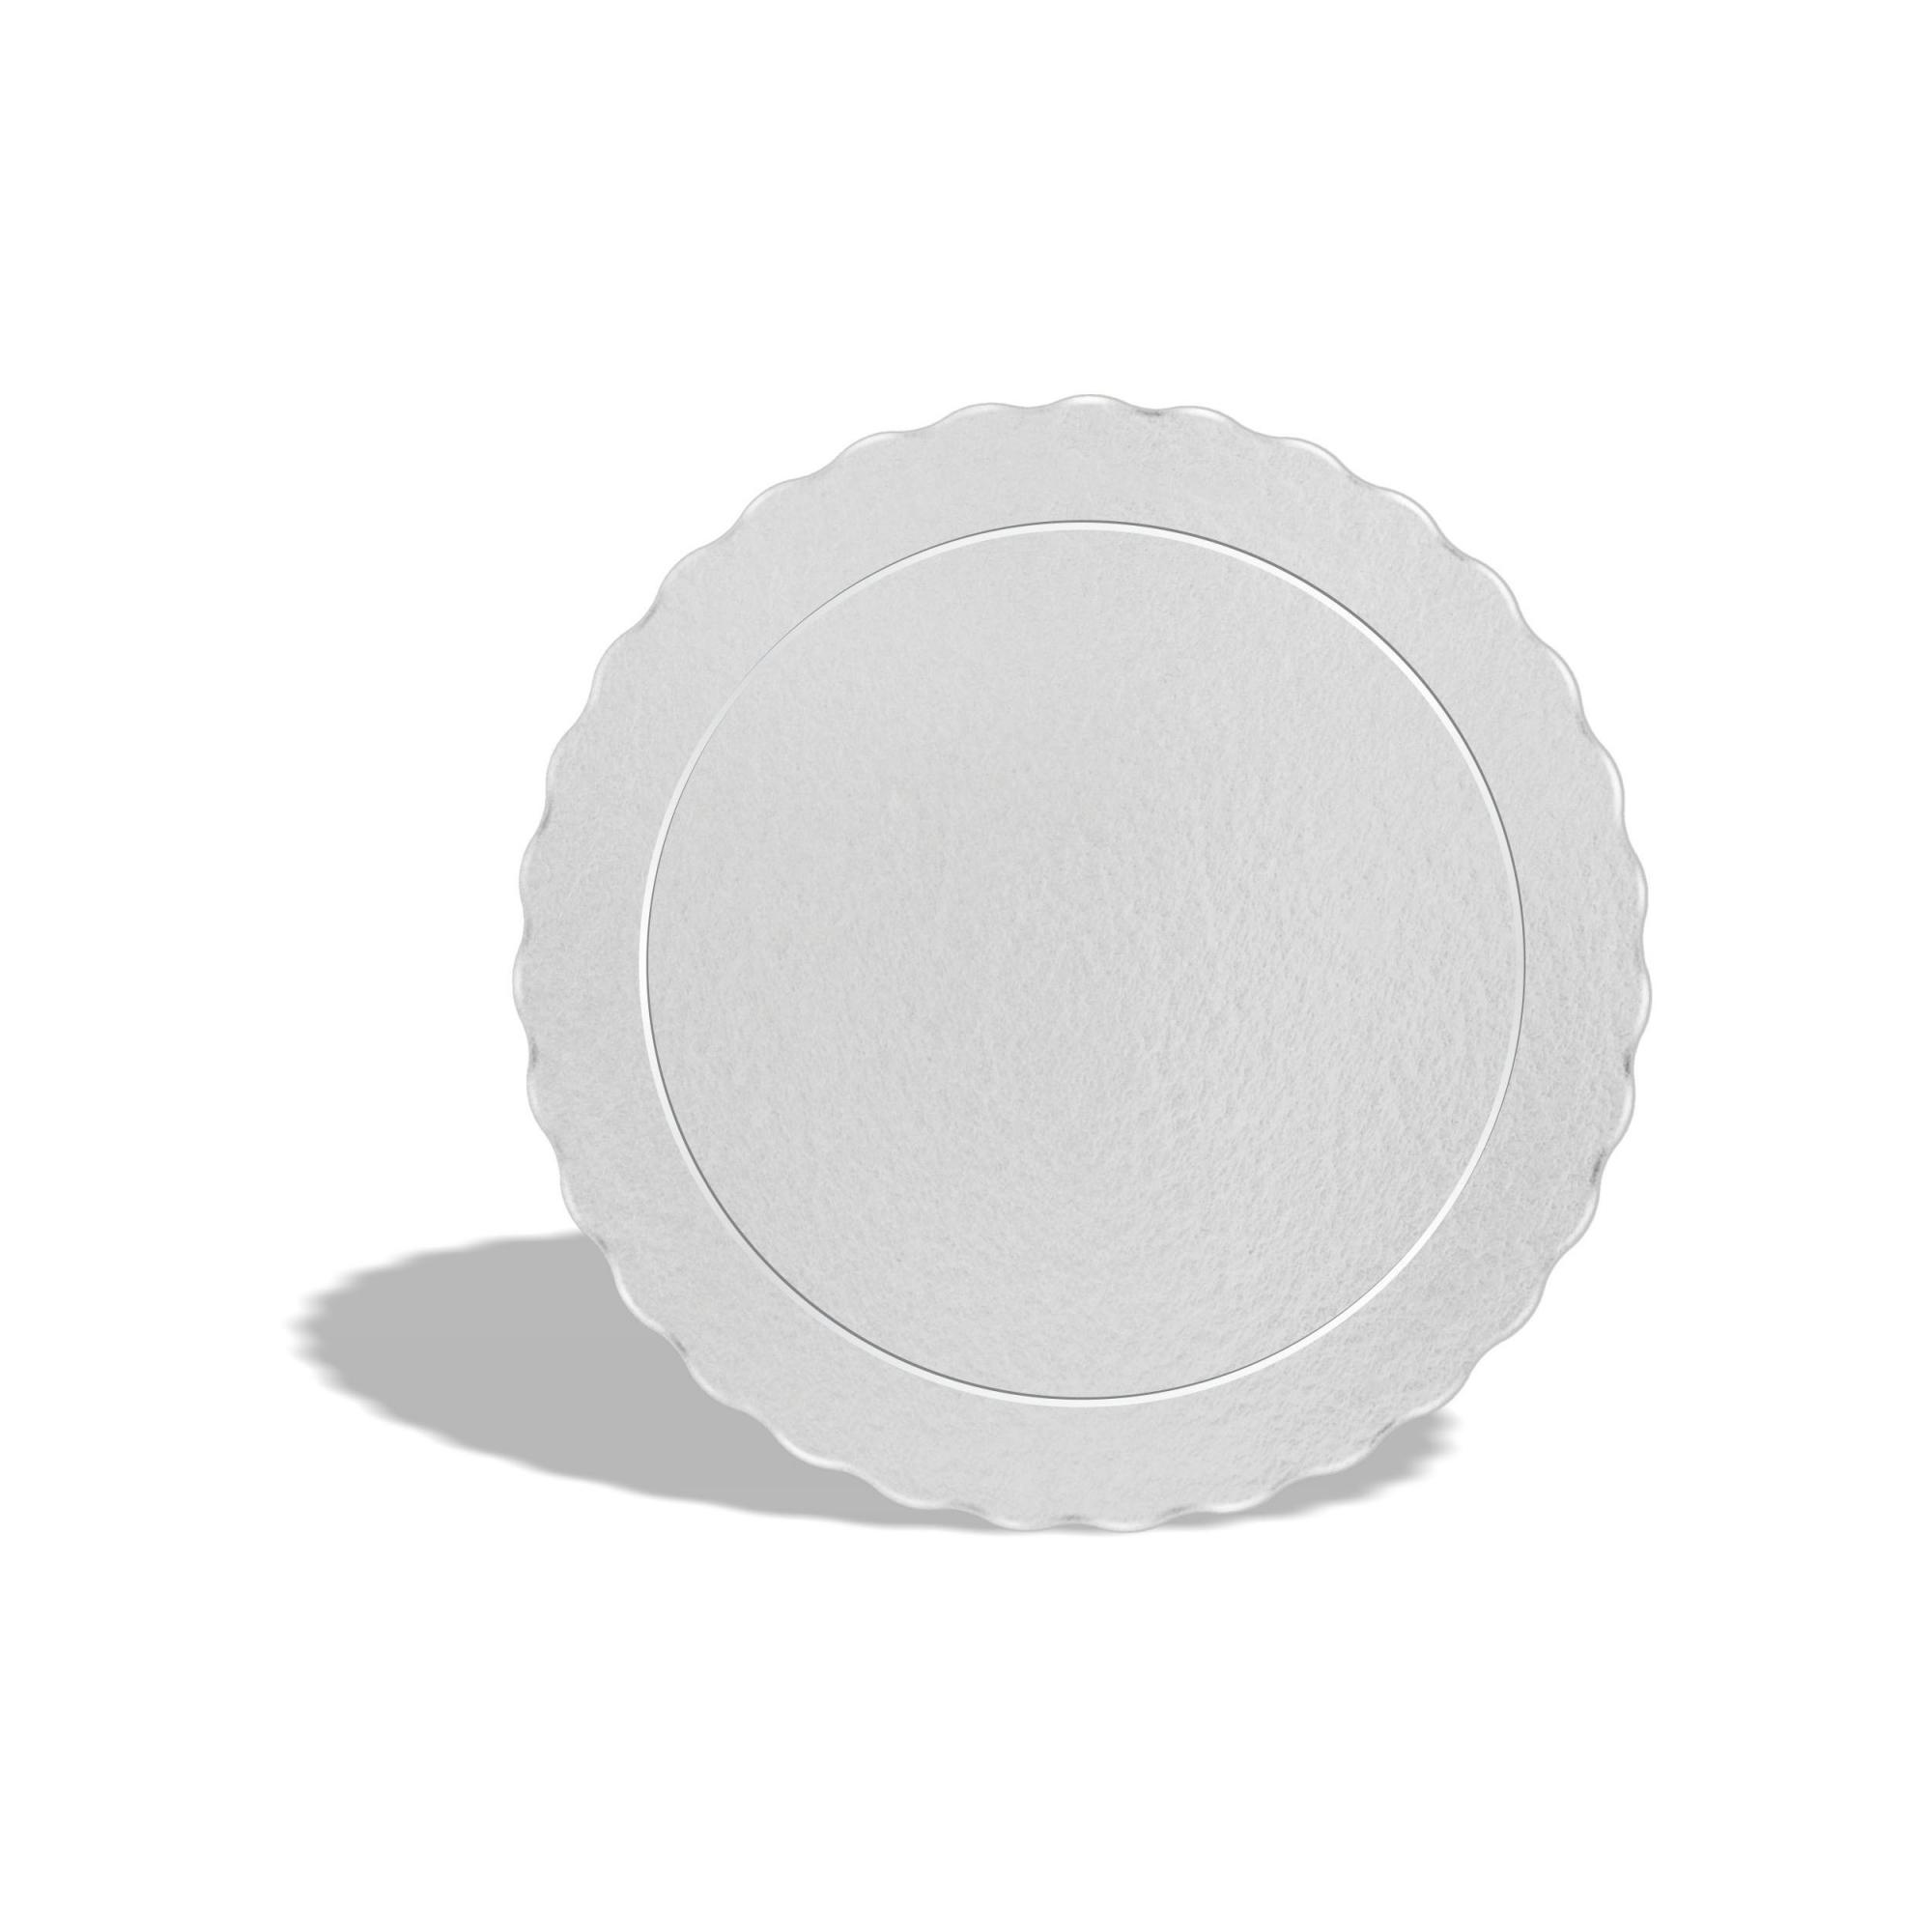 20 Bases Laminadas Para Bolo Redondo, Cake Board 35cm - Branco